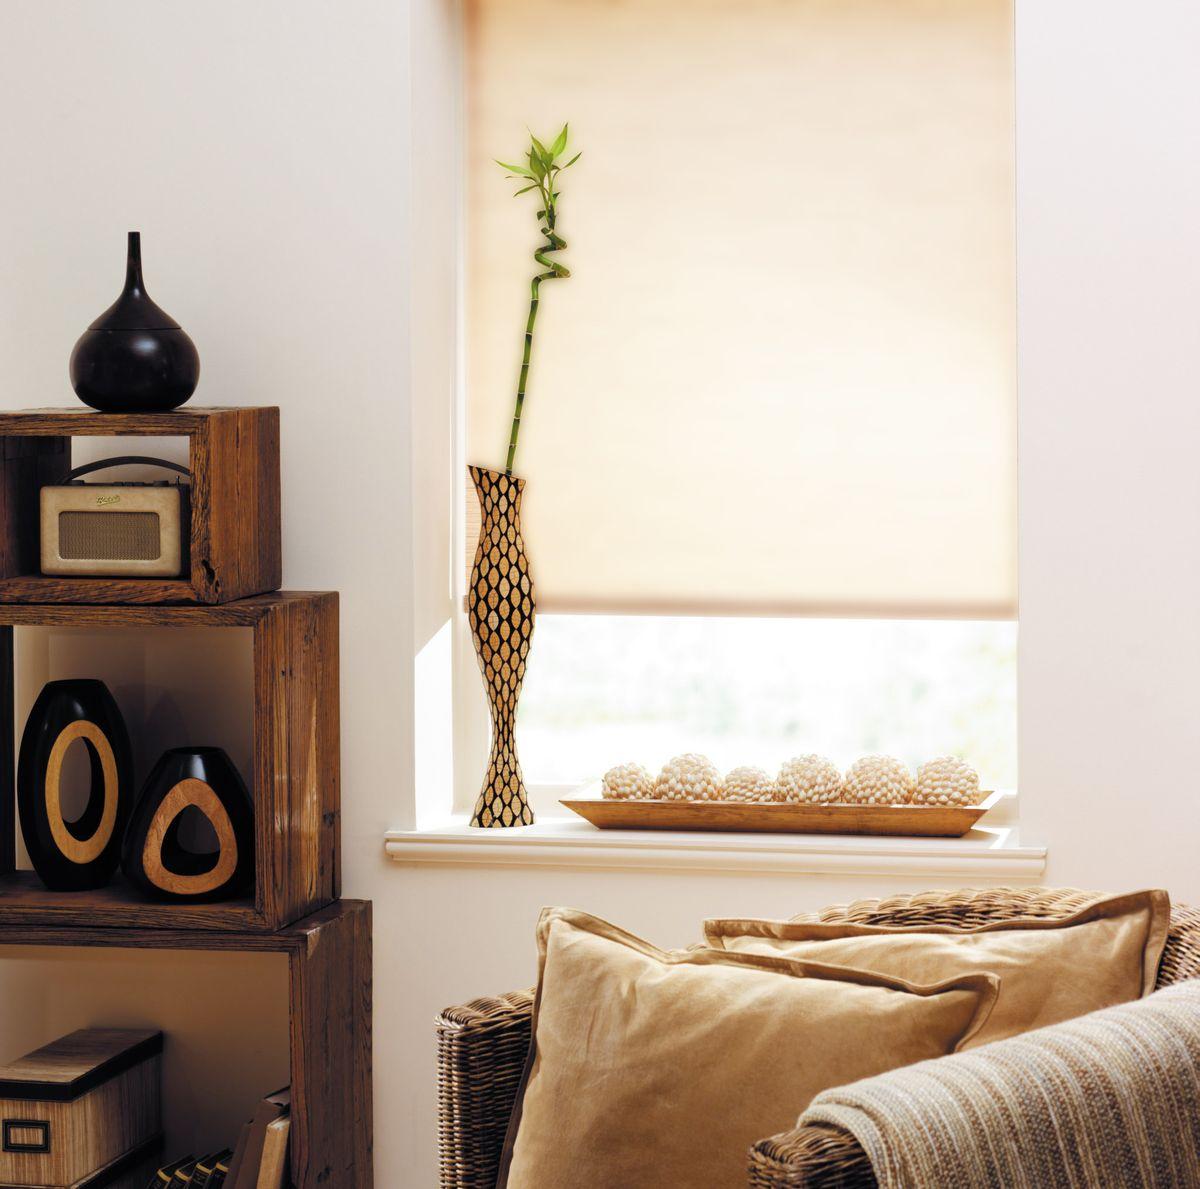 Штора рулонная Эскар Миниролло, цвет: бежевый лен, ширина 83 см, высота 170 см62.РШТО.8260.050х175Рулонная штора Эскар Миниролло выполнена из высокопрочной ткани, которая сохраняет свой размер даже при намокании. Ткань не выцветает и обладает отличной цветоустойчивостью.Миниролло - это подвид рулонных штор, который закрывает не весь оконный проем, а непосредственно само стекло. Такие шторы крепятся на раму без сверления при помощи зажимов или клейкой двухсторонней ленты (в комплекте). Окно остается на гарантии, благодаря монтажу без сверления. Такая штора станет прекрасным элементом декора окна и гармонично впишется в интерьер любого помещения.